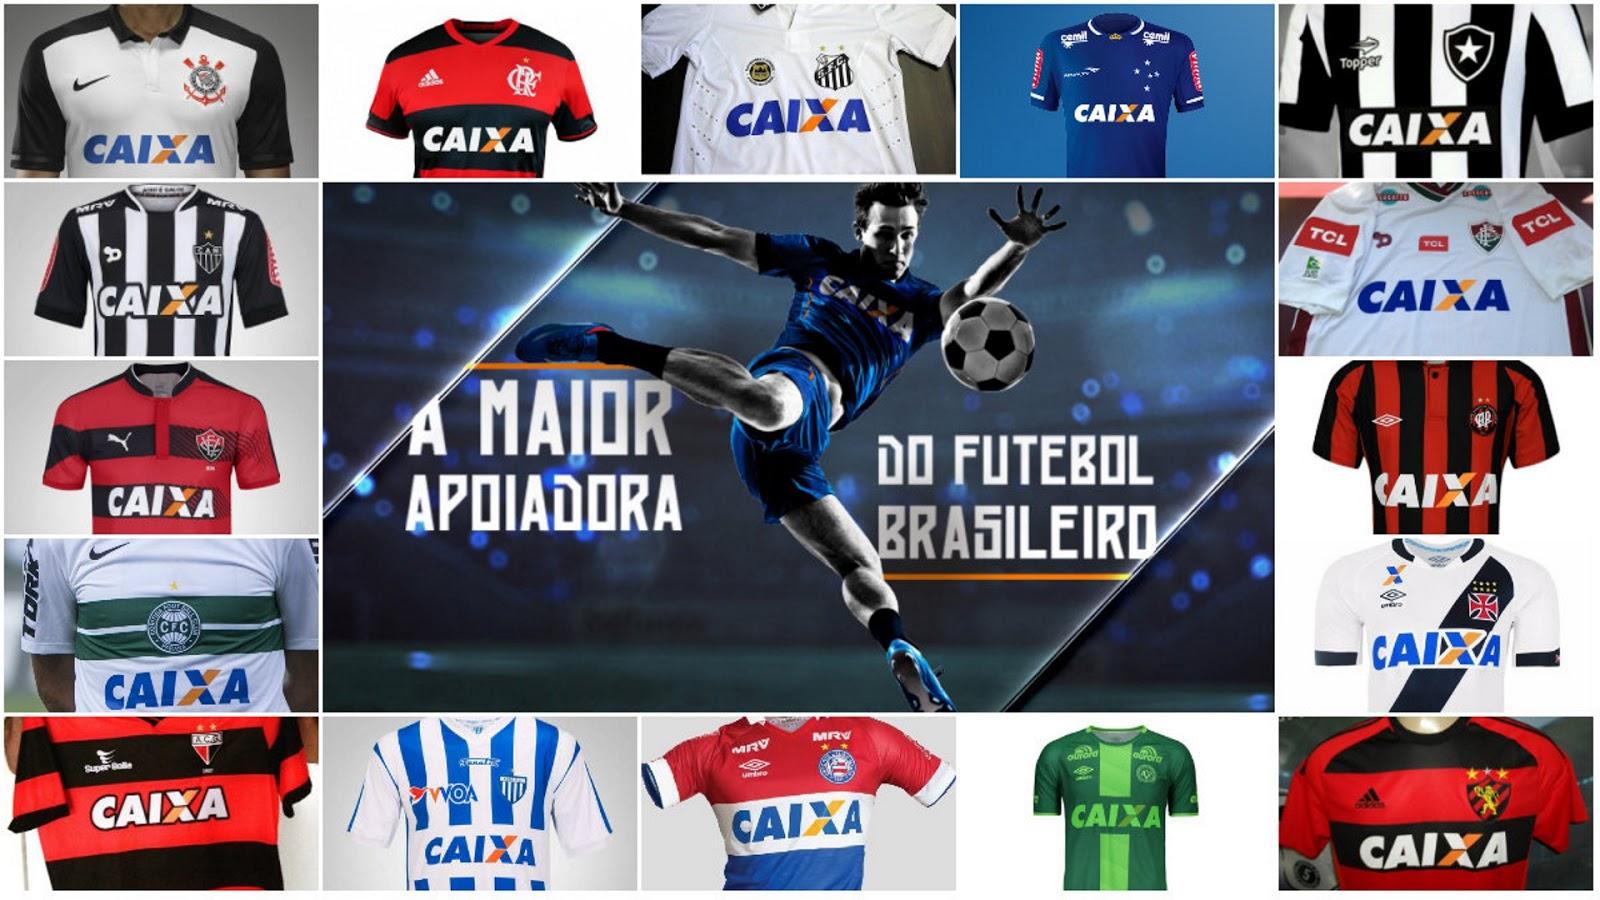 Caixa segue forte como patrocinadora de camisas de clubes brasileiros ede653c8bfa5e